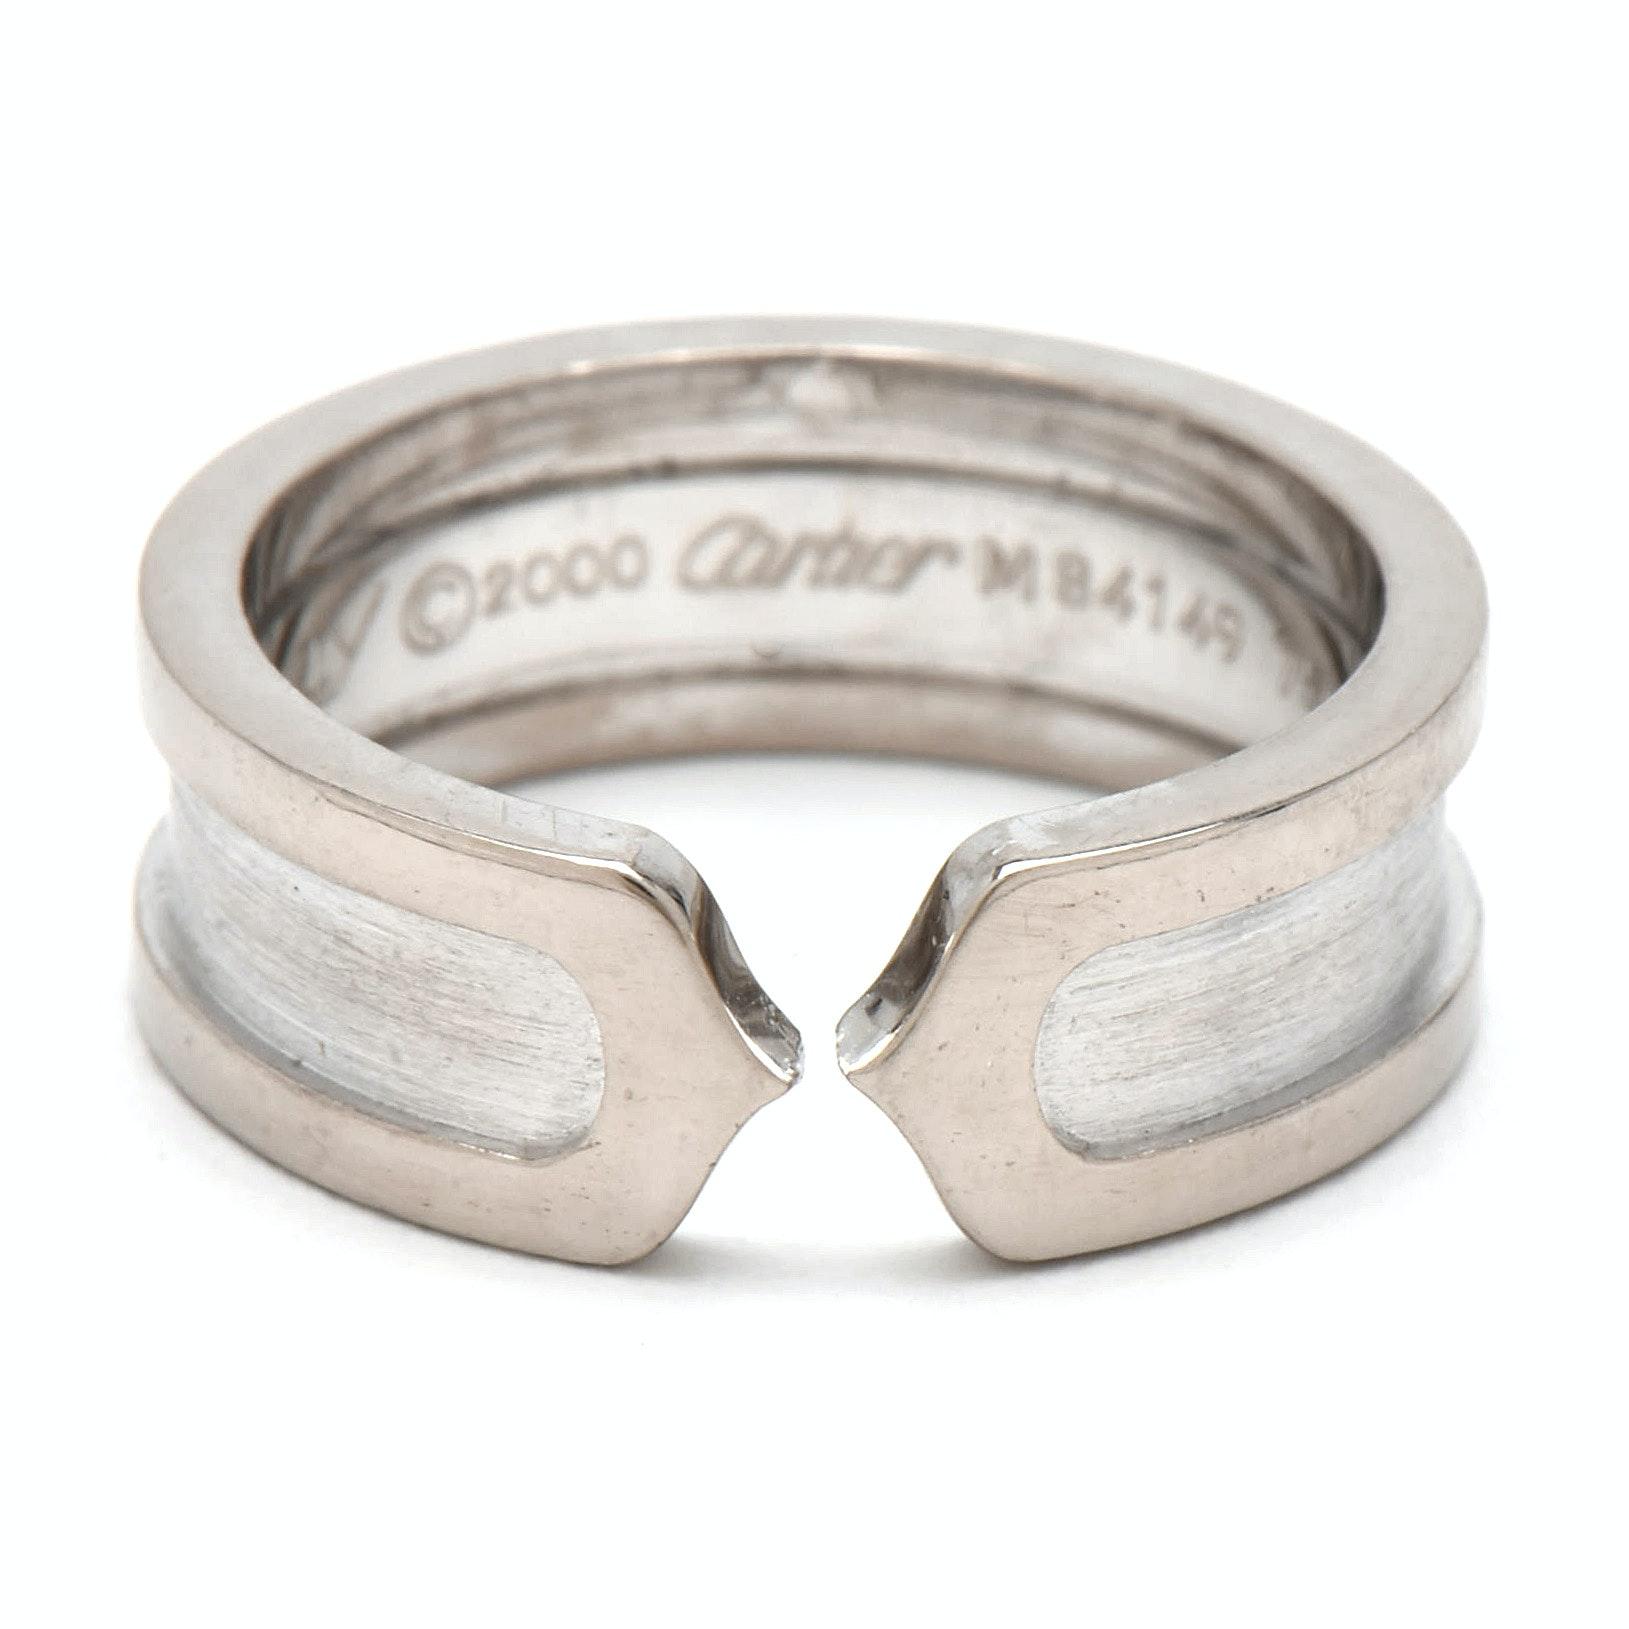 """Cartier 18K White Gold """"C de Cartier"""" Logo Ring"""